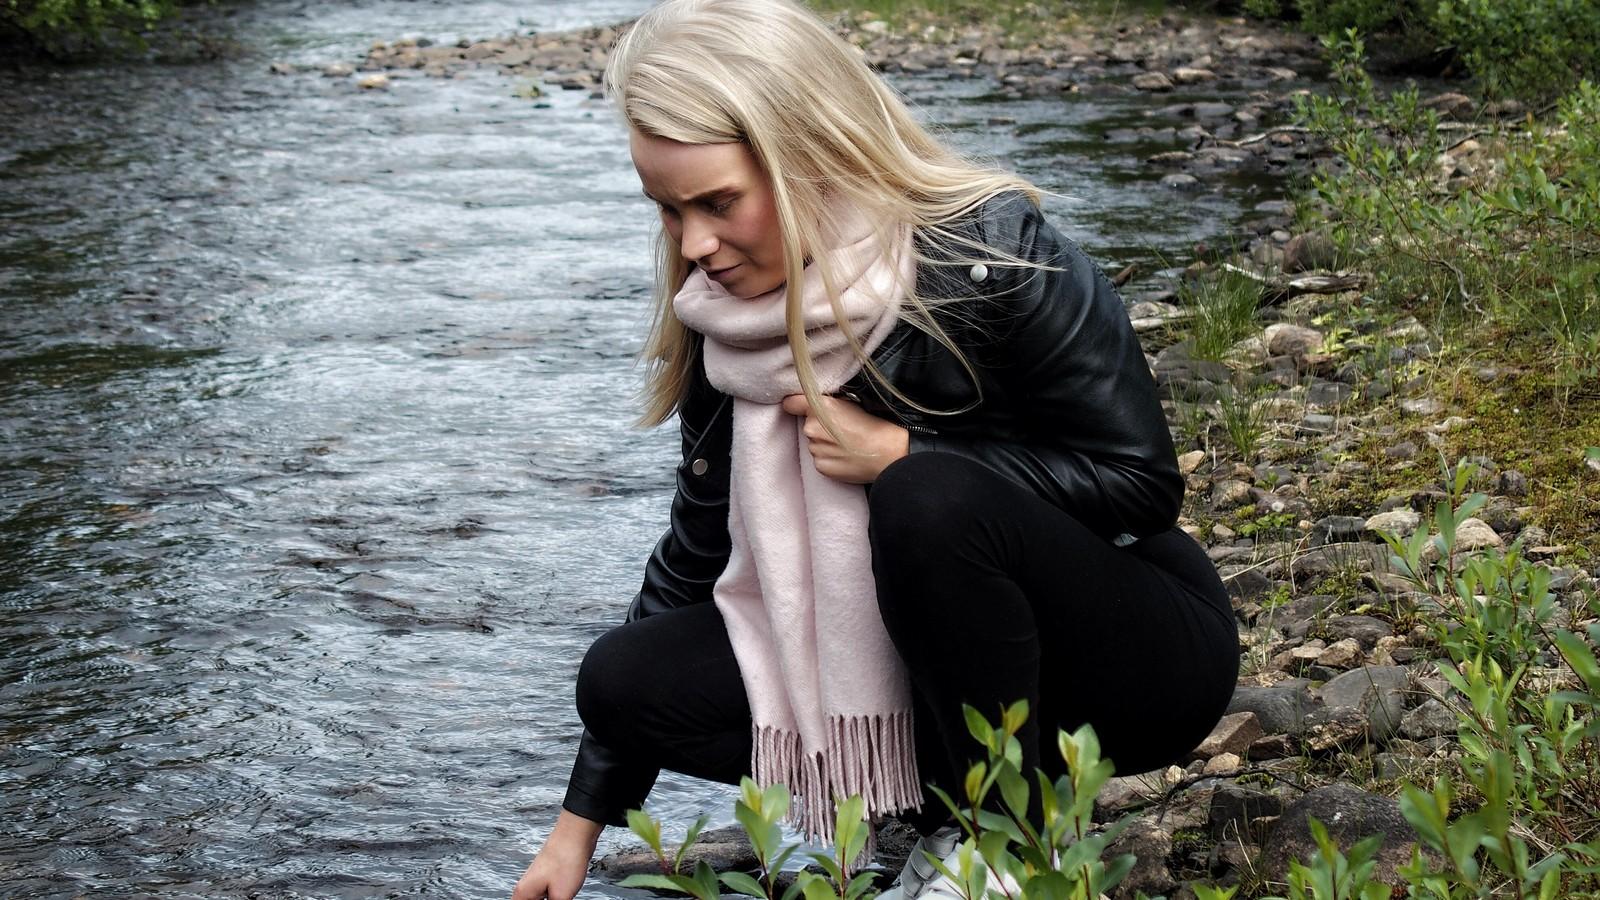 Sara sitter på huk ved elvebredden og kjenner på vannet med høyre hånd. Med venstre hånd stryker hun bort sitt lange lyse hår fra ansiktet.